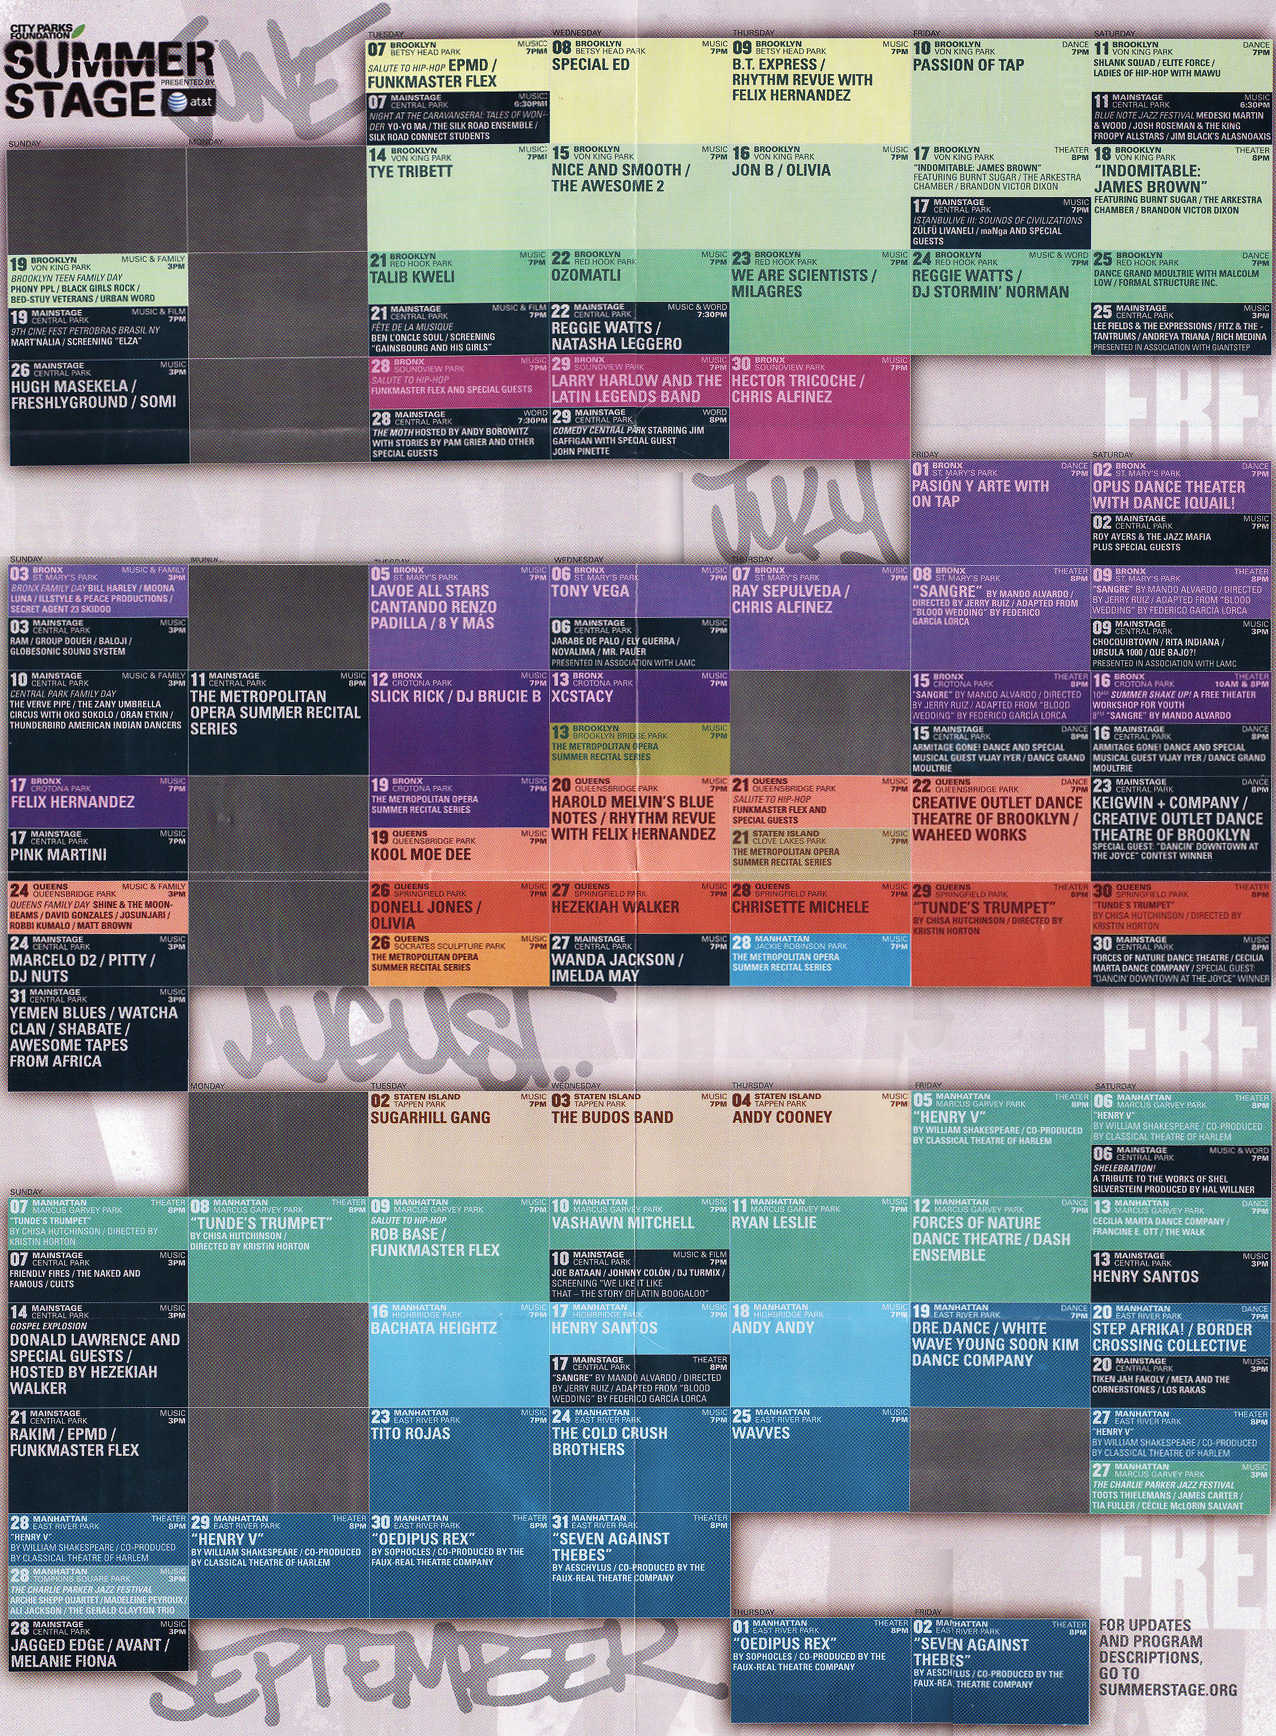 ニューヨークの無料夏季イベント、サマー・ステージのカレンダー_b0007805_6112629.jpg